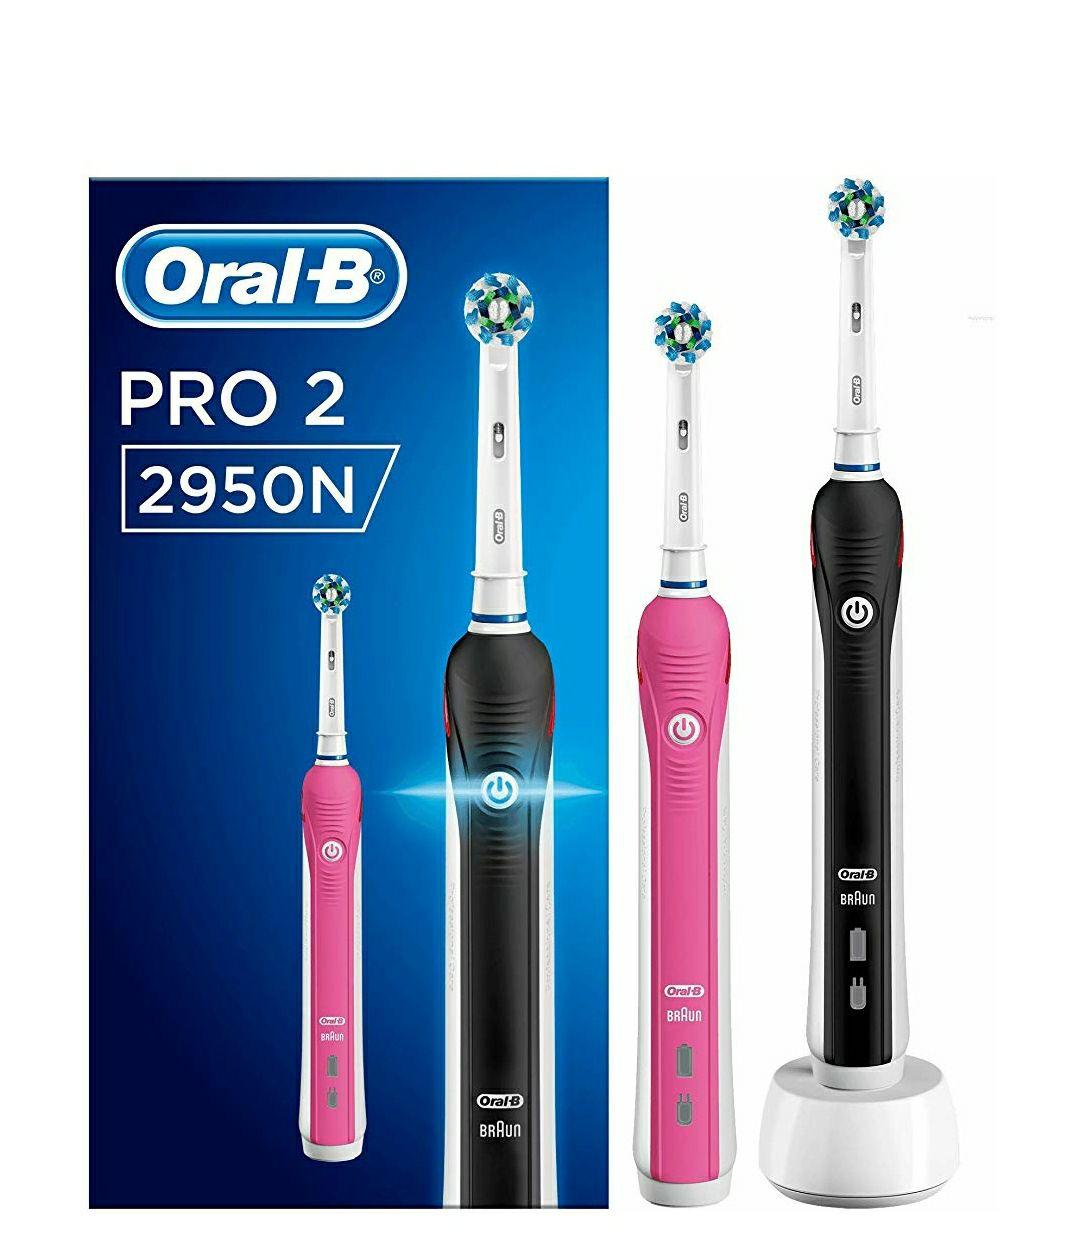 2 cepillos Oral-B 2950N Pro 2